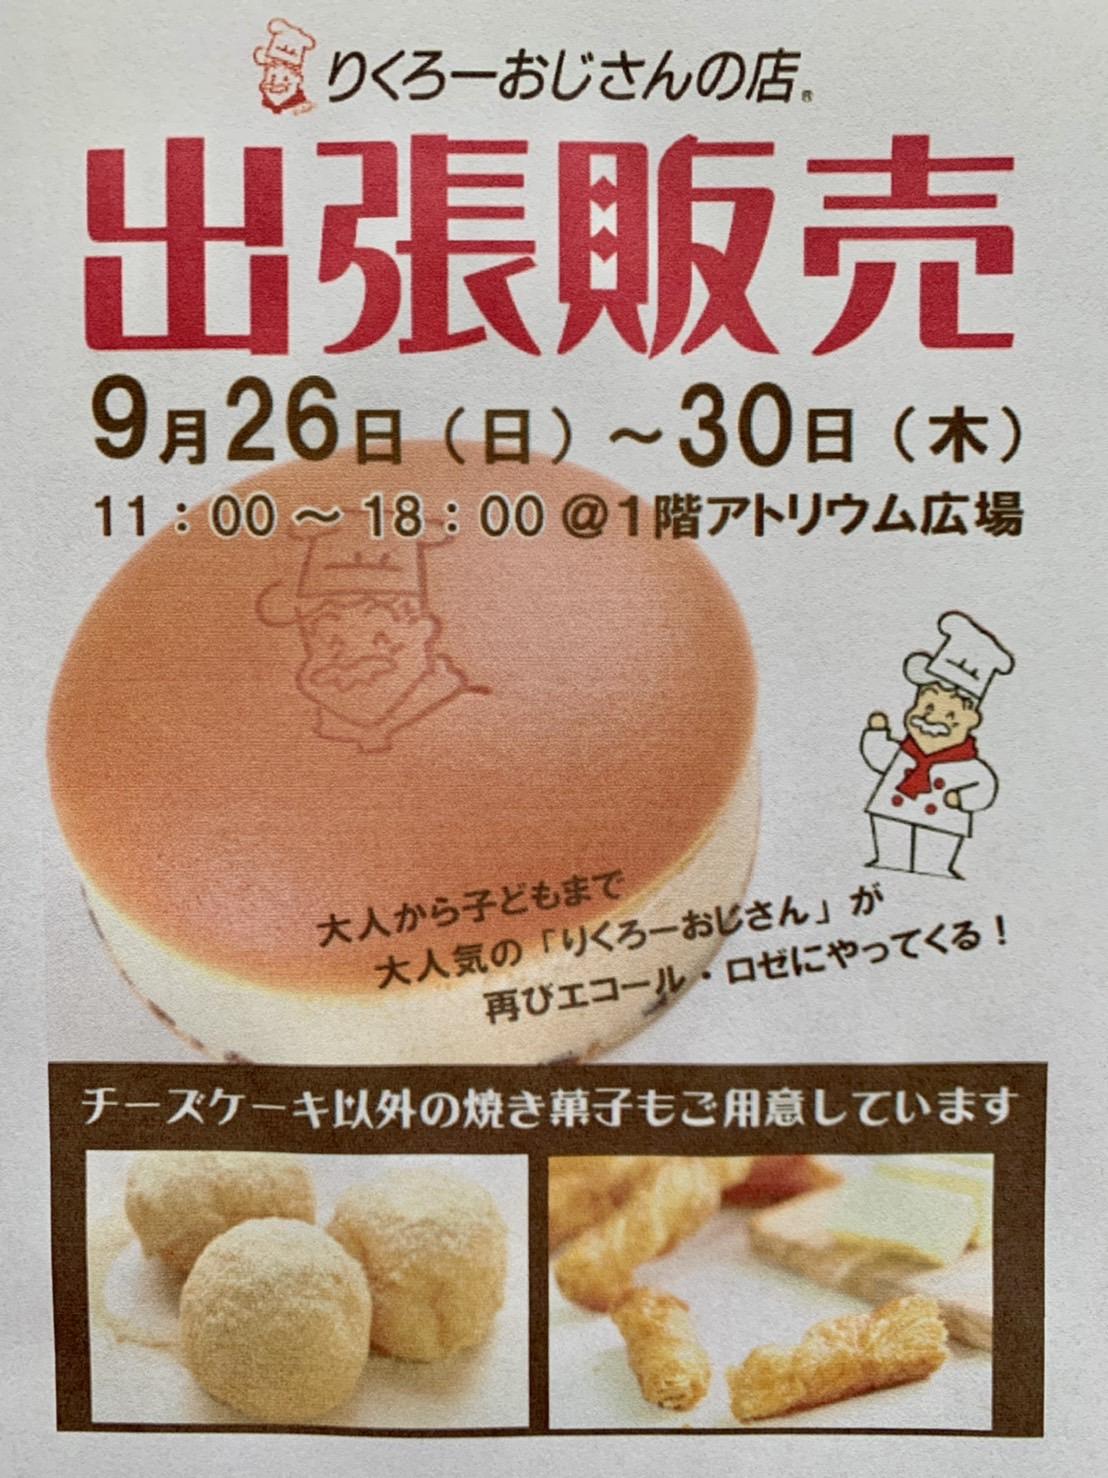 【イベント】2021.9/26(日)~9/30(木)★富田林市・エコールロゼに5日間限定!!大人気♡『りくろーおじさん』の出張販売がやってくる♪: